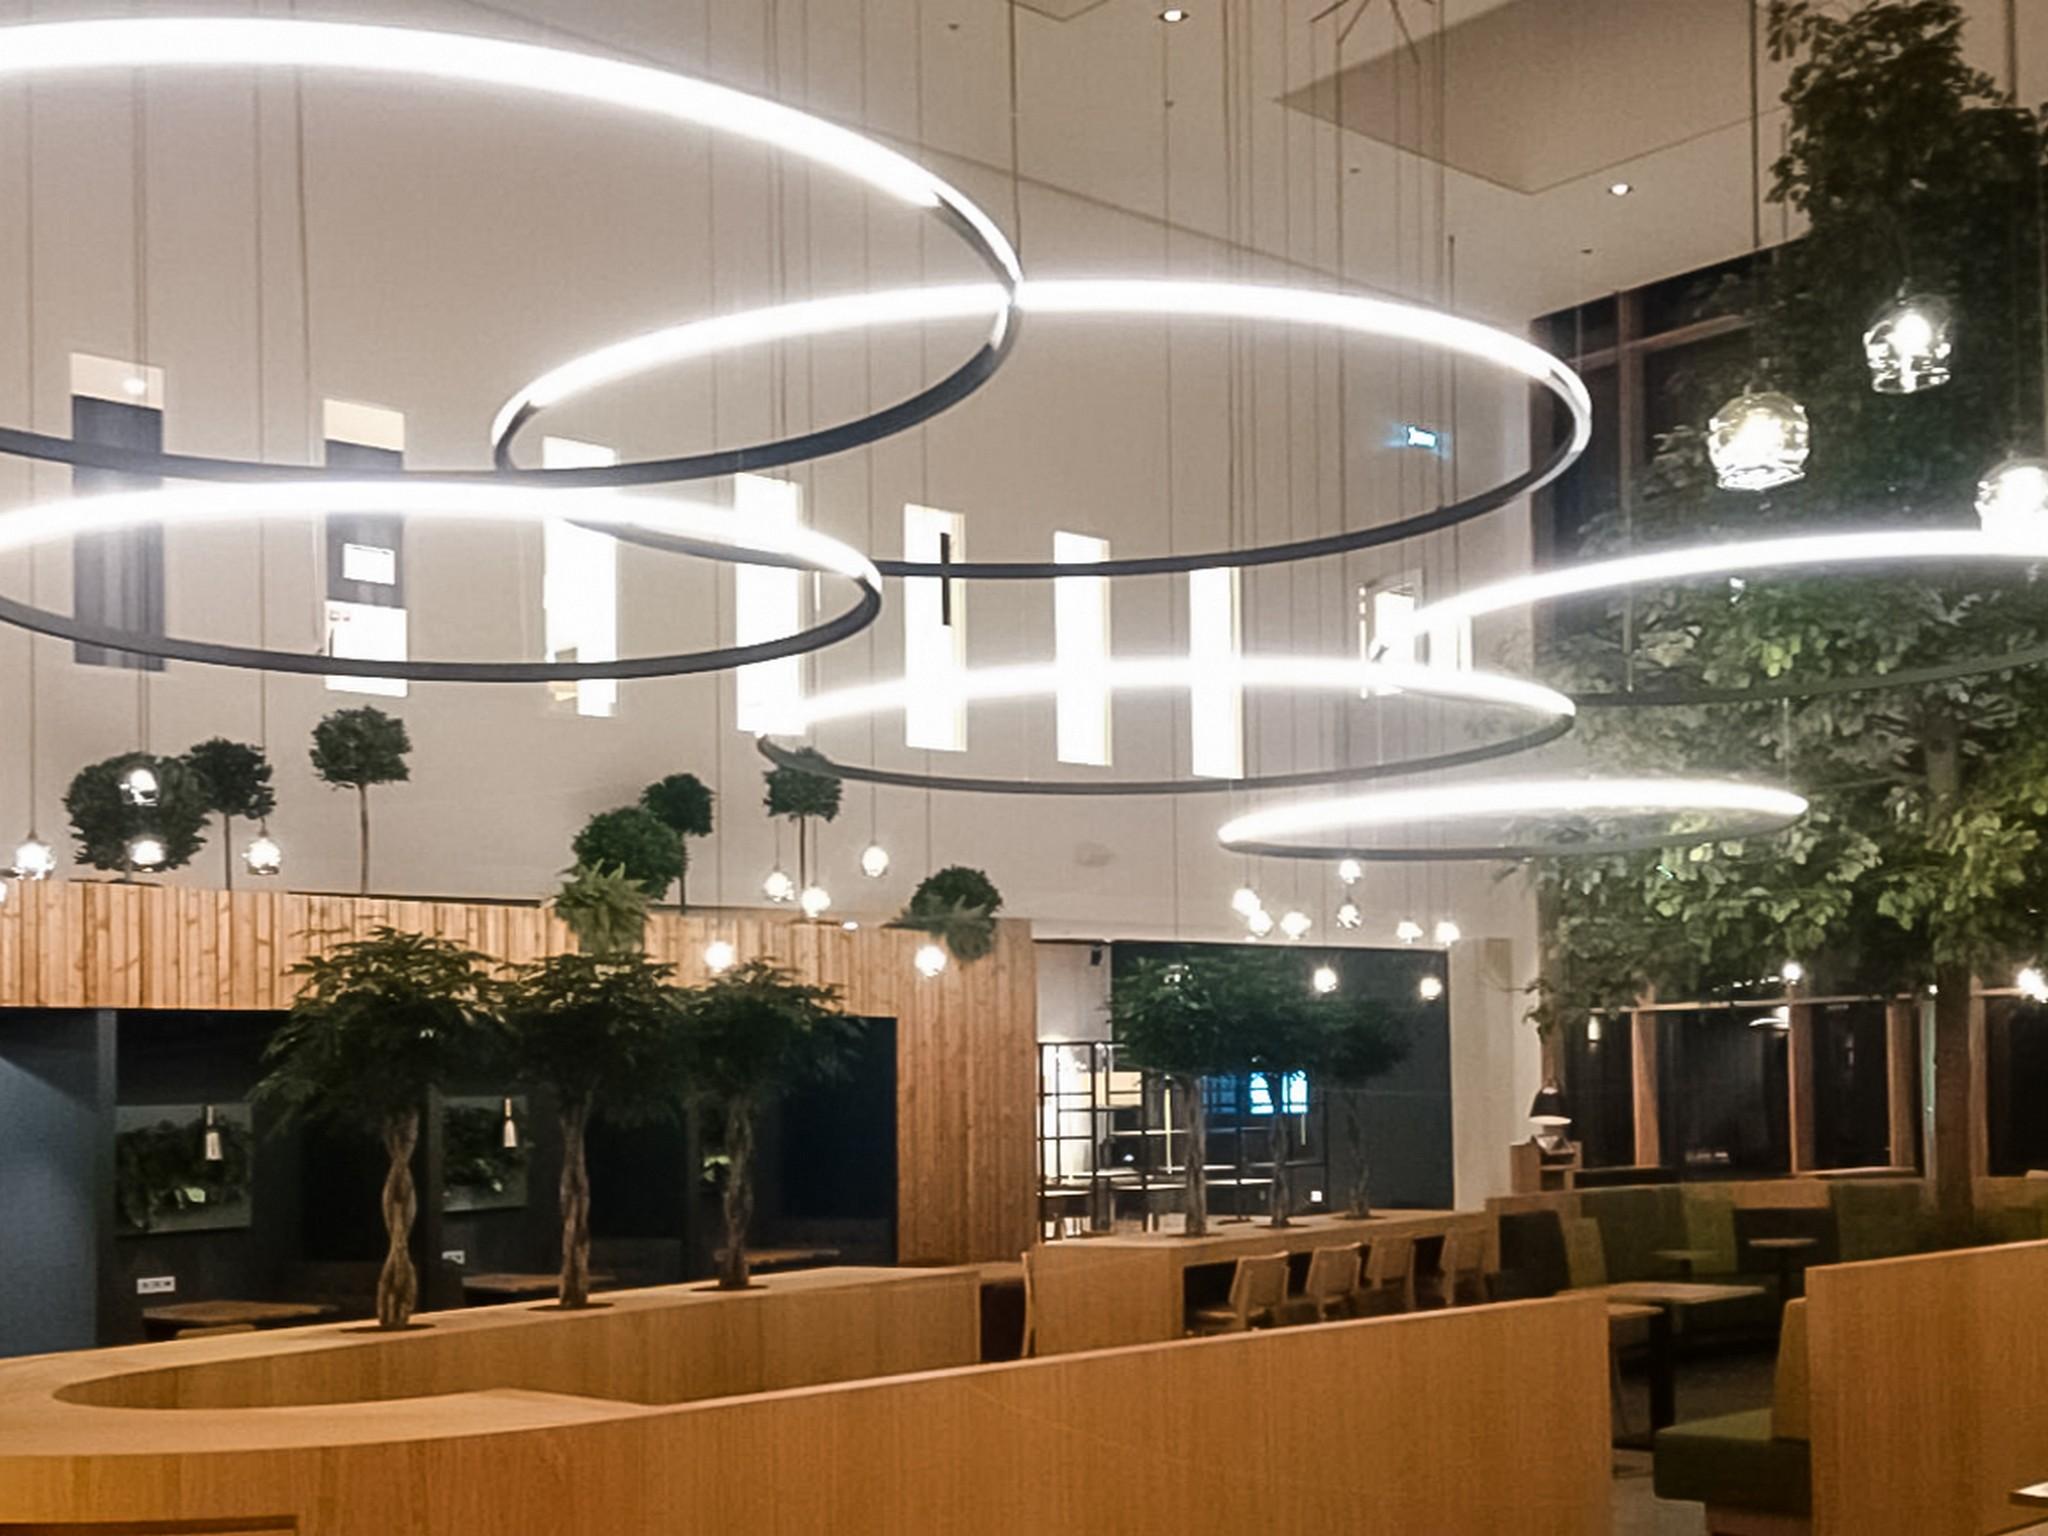 maretti lighting ontwerpt produceert en levert betaalbare designverlichting